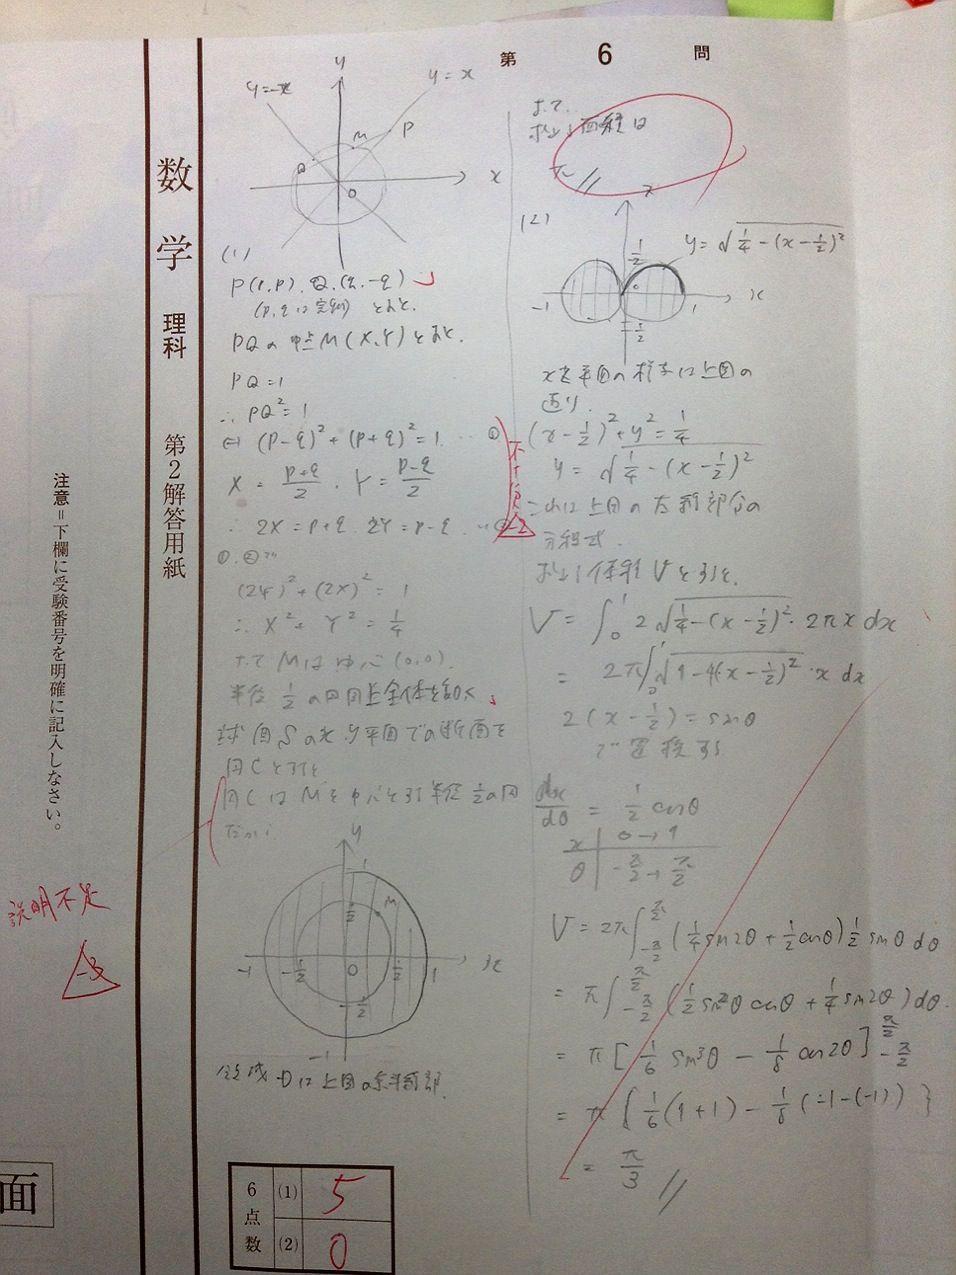 入試問題と解答例 的中問題 | 代々木ゼミナール